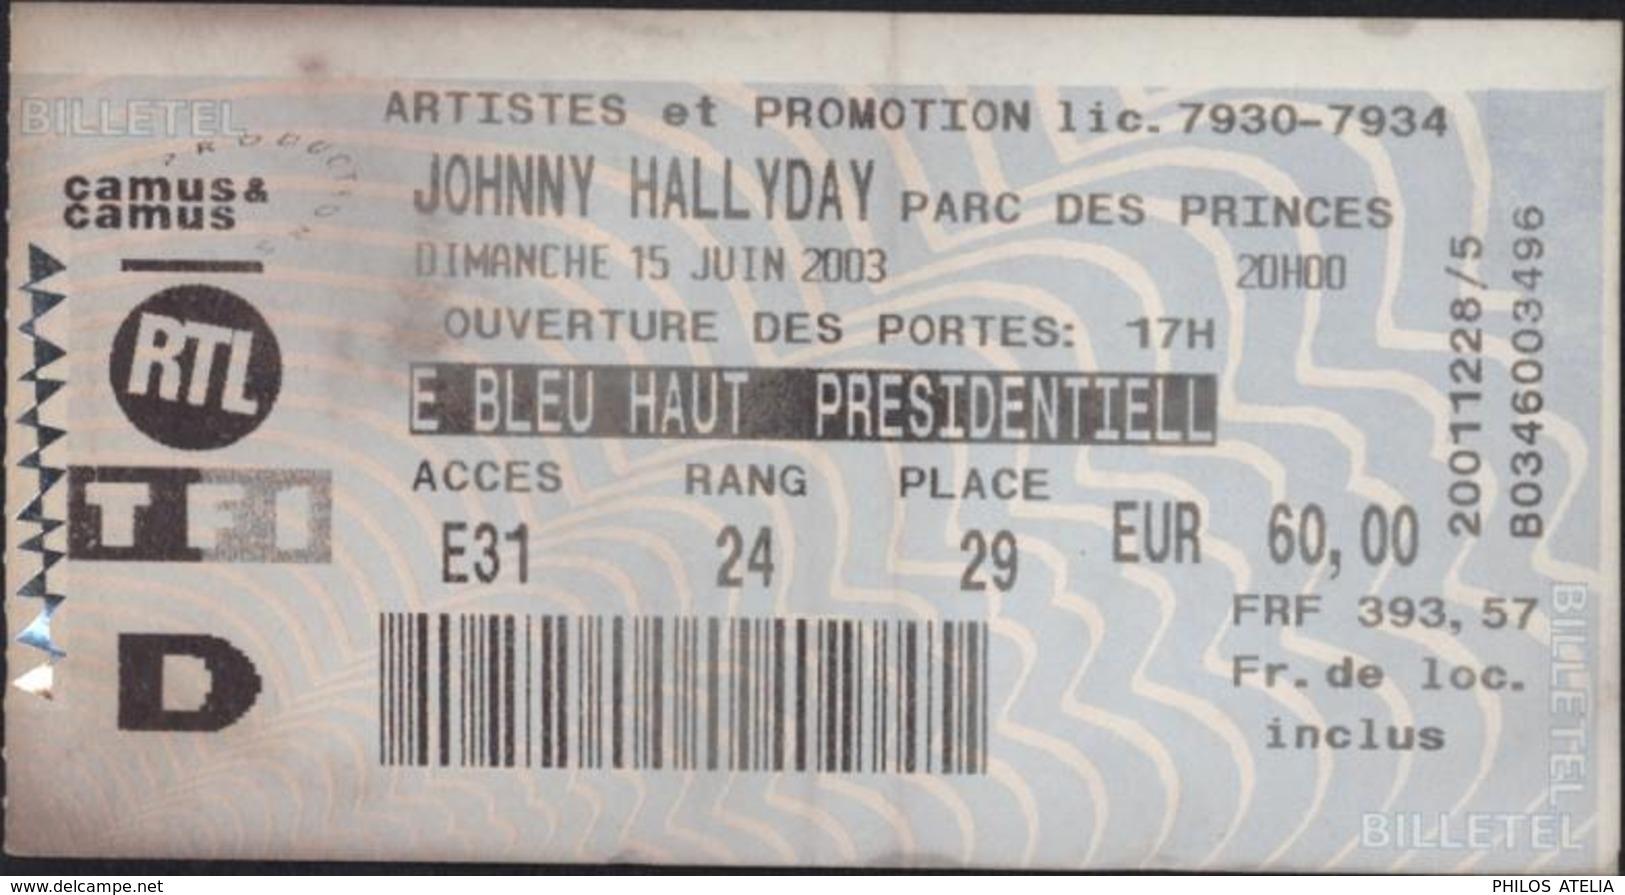 Ticket Billet Entrée Concert Johnny Hallyday Parc Des Princes 15 6 2003 Partenaires RTL TF1 - Tickets - Entradas